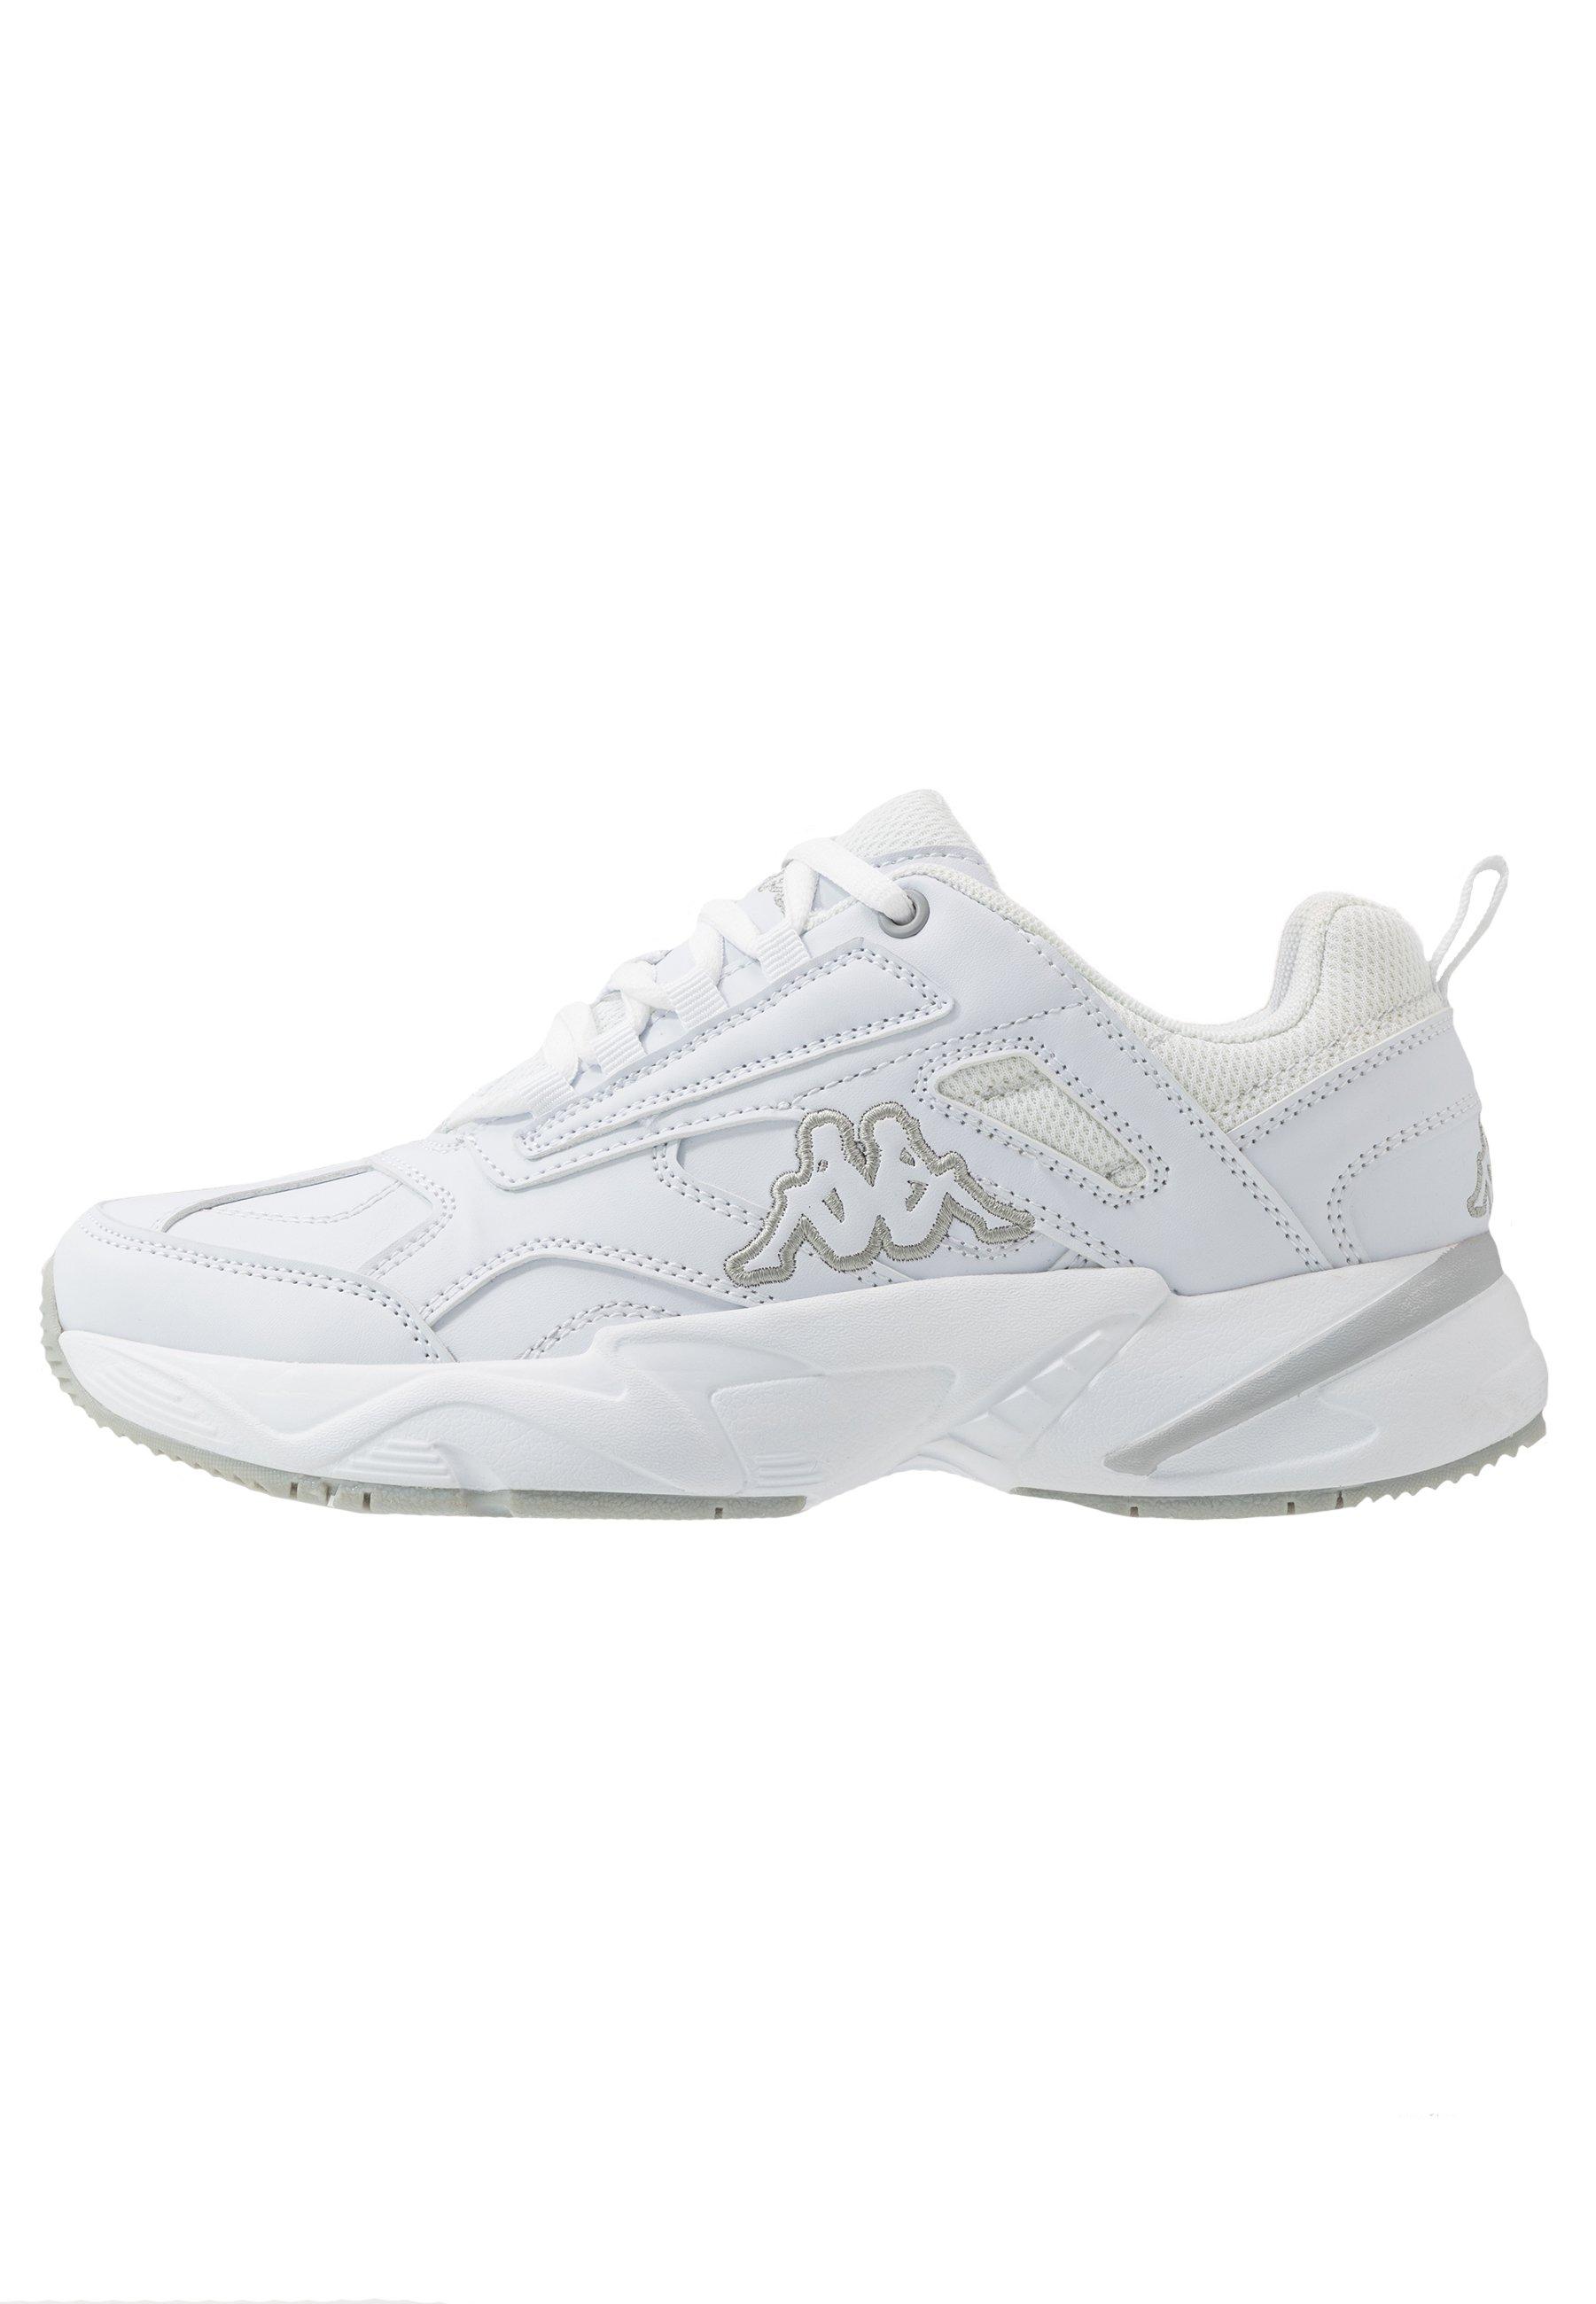 Kappa BASH Treningssko whitelight greyhvit Zalando.no